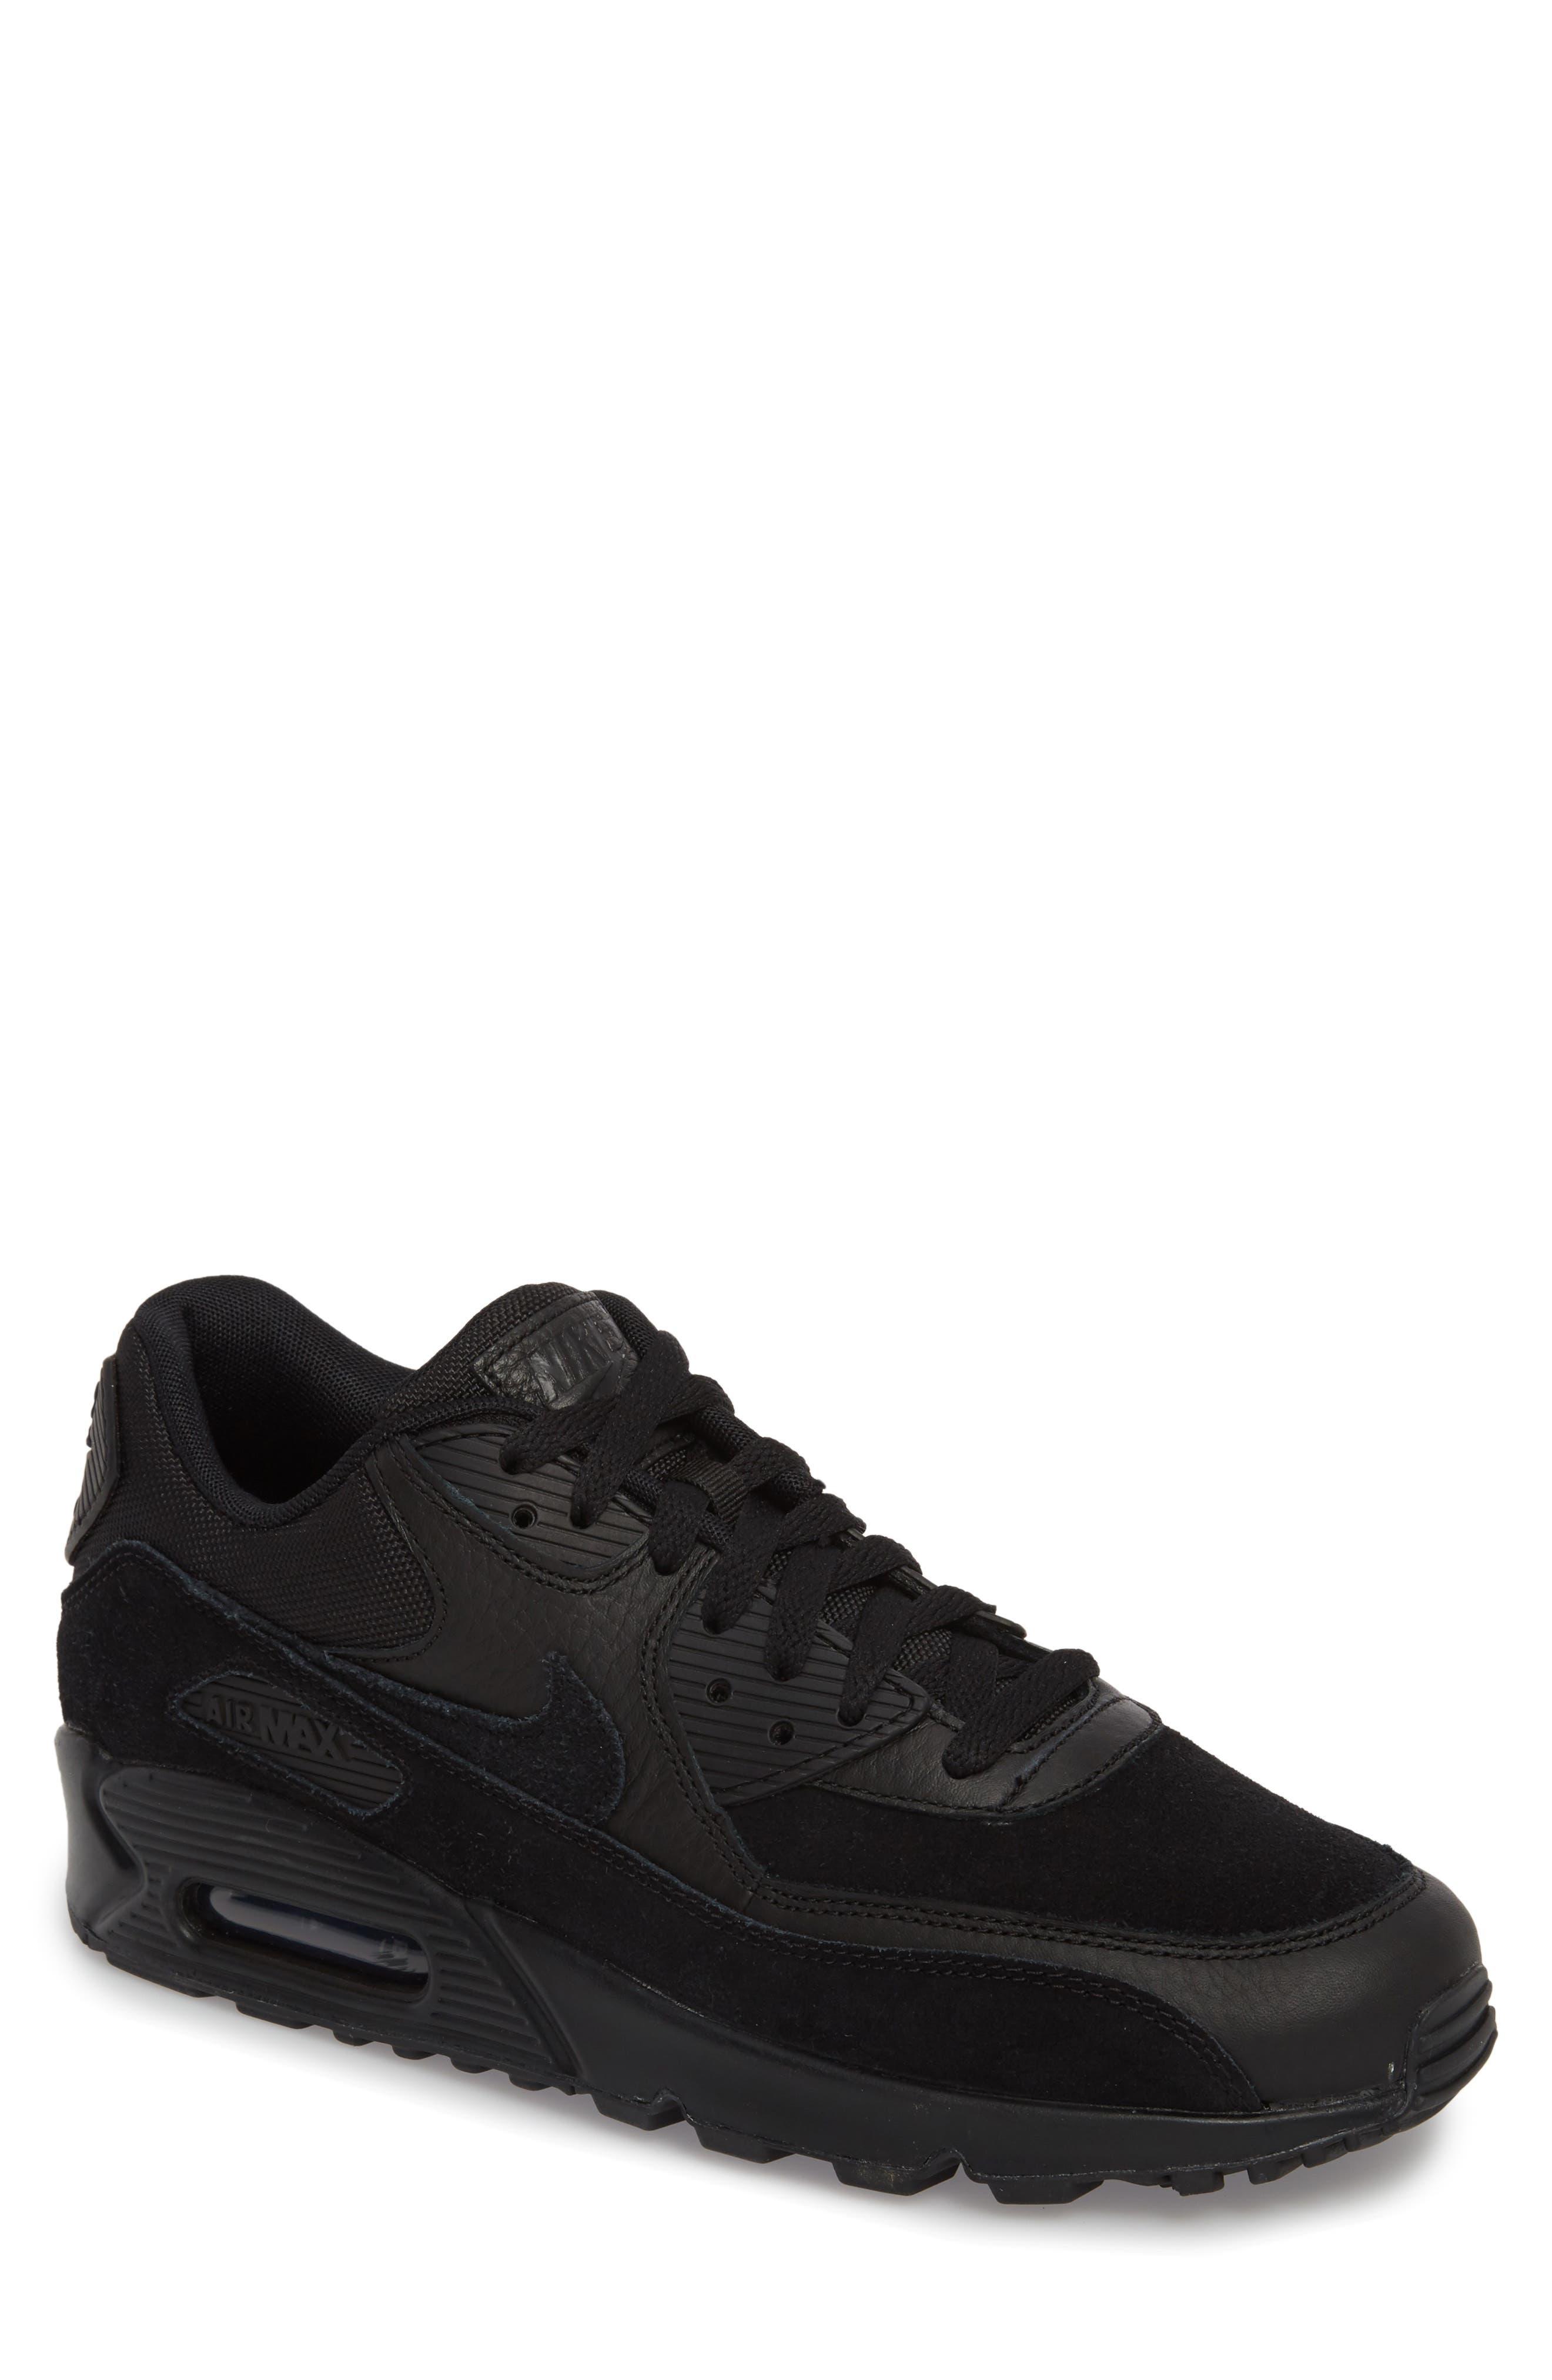 Air Max 90 Premium Sneaker,                             Main thumbnail 1, color,                             012